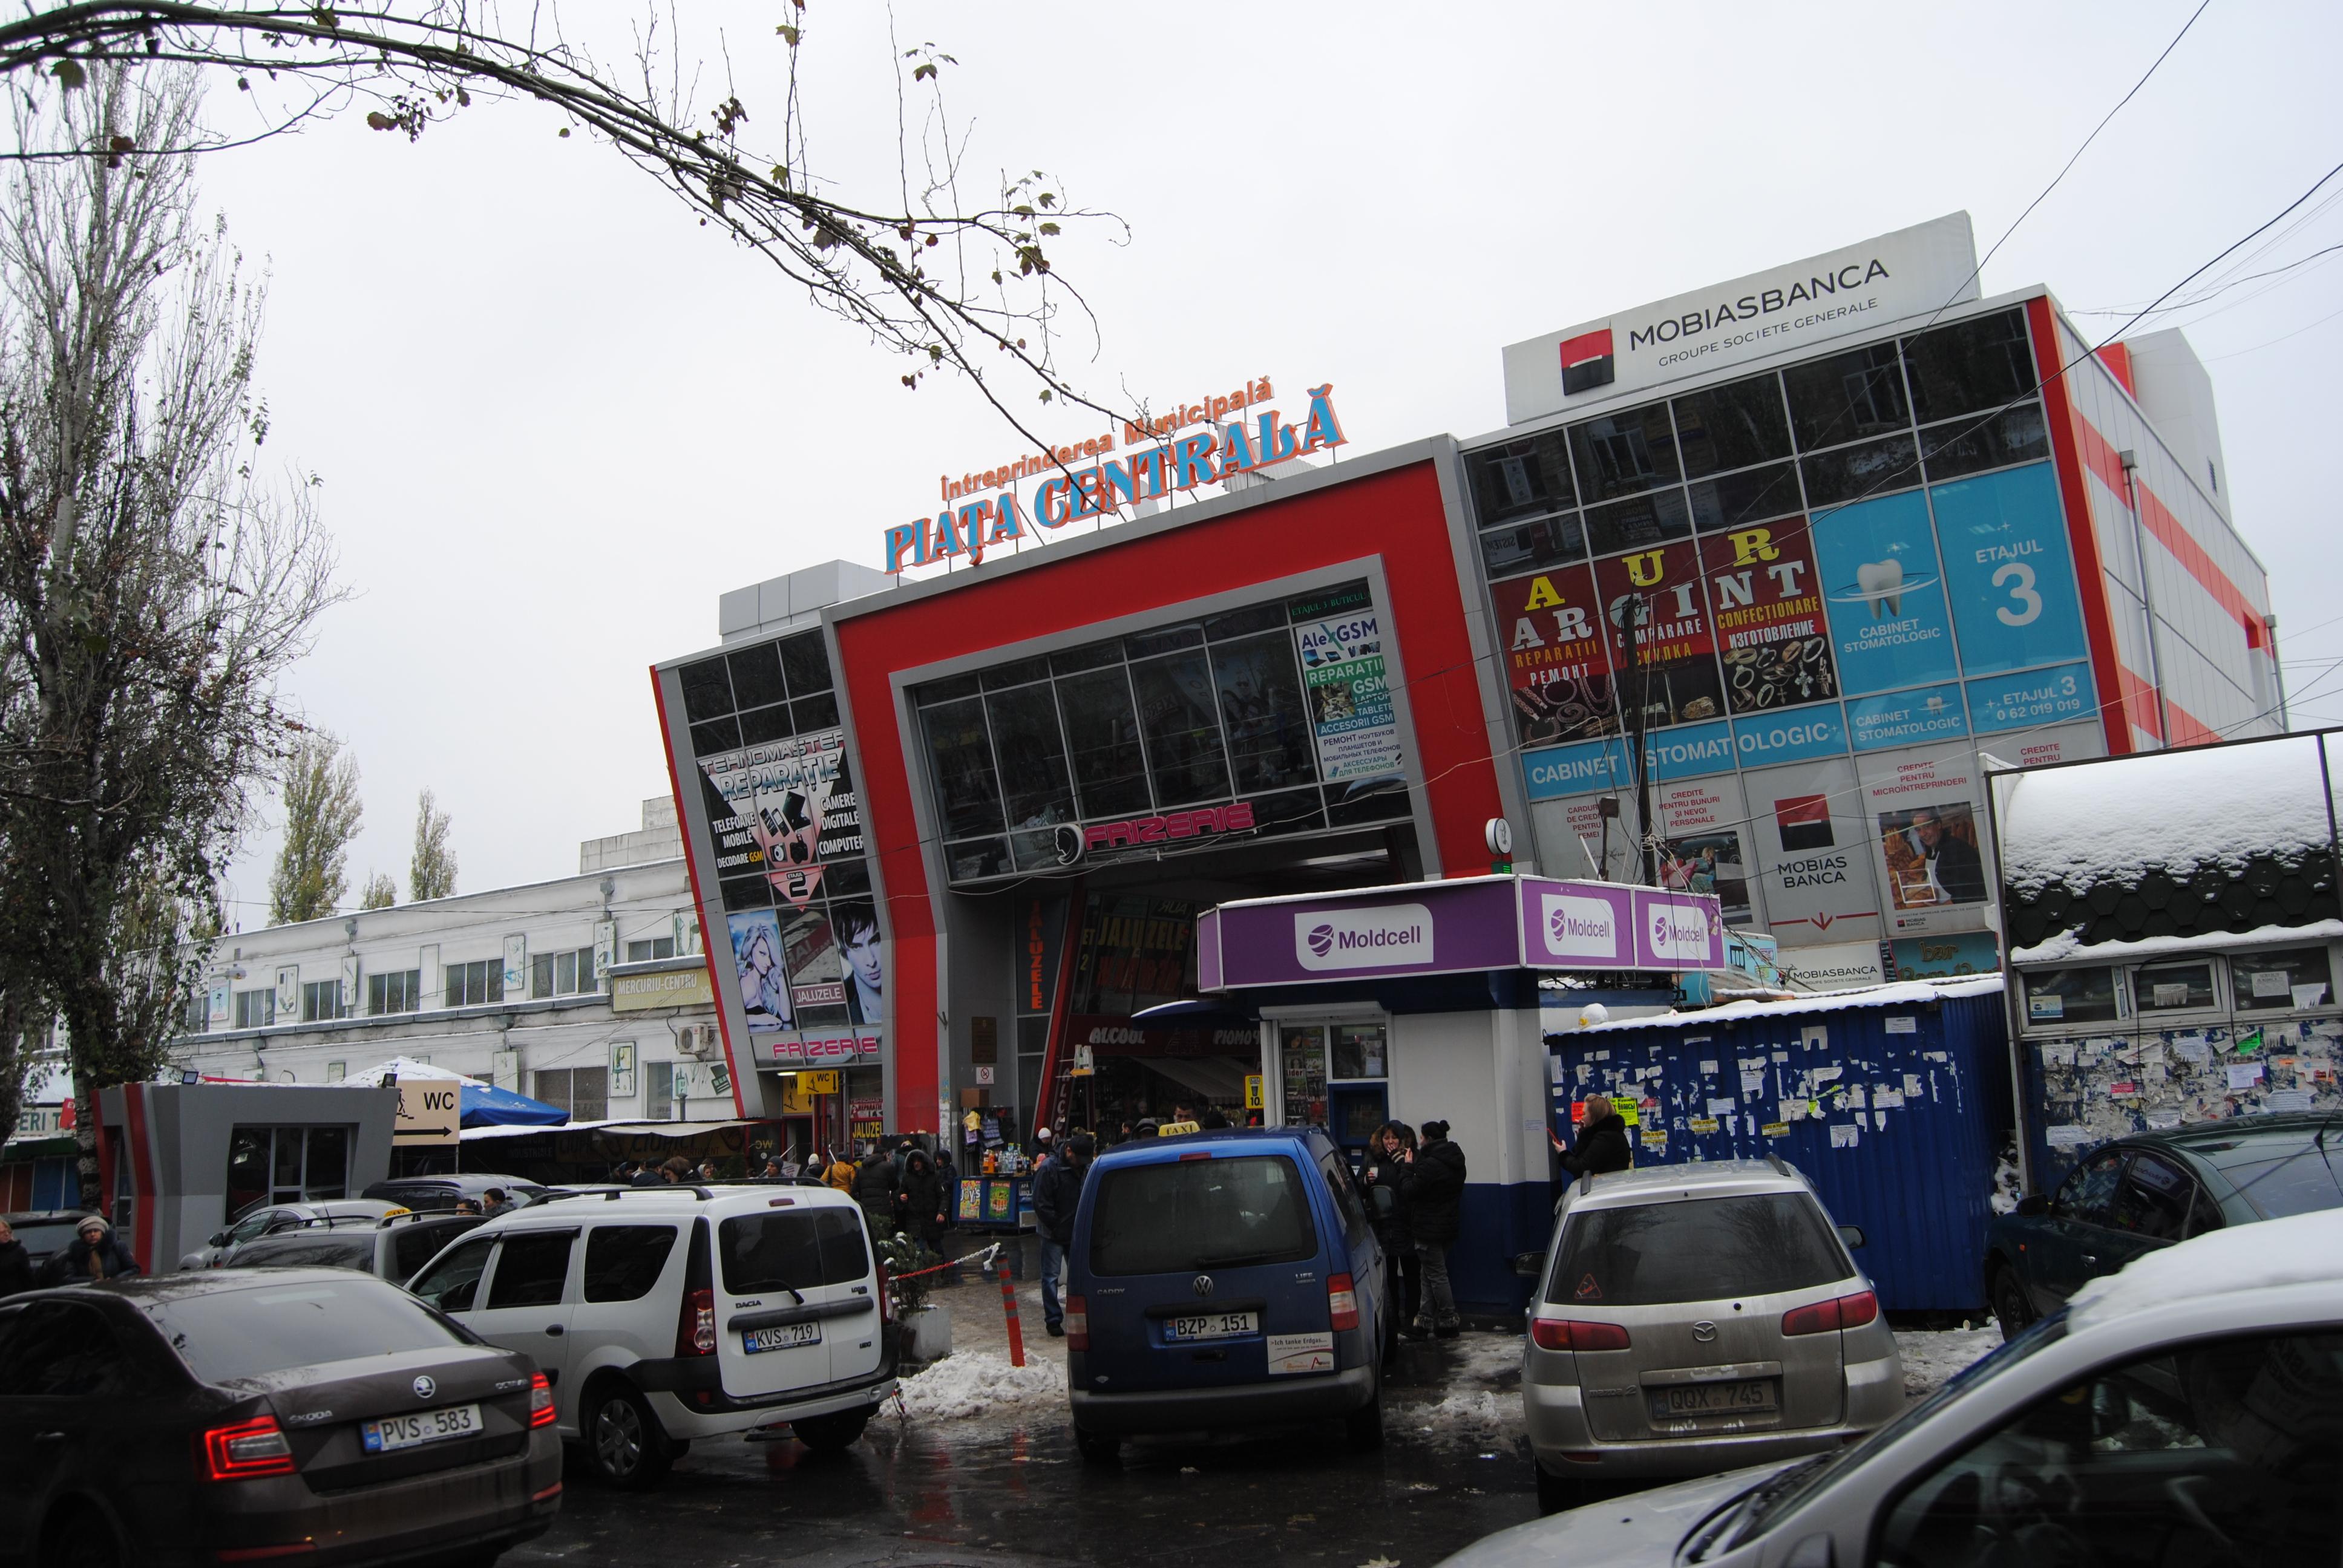 Piata Centrala, el mercado de Chisinau